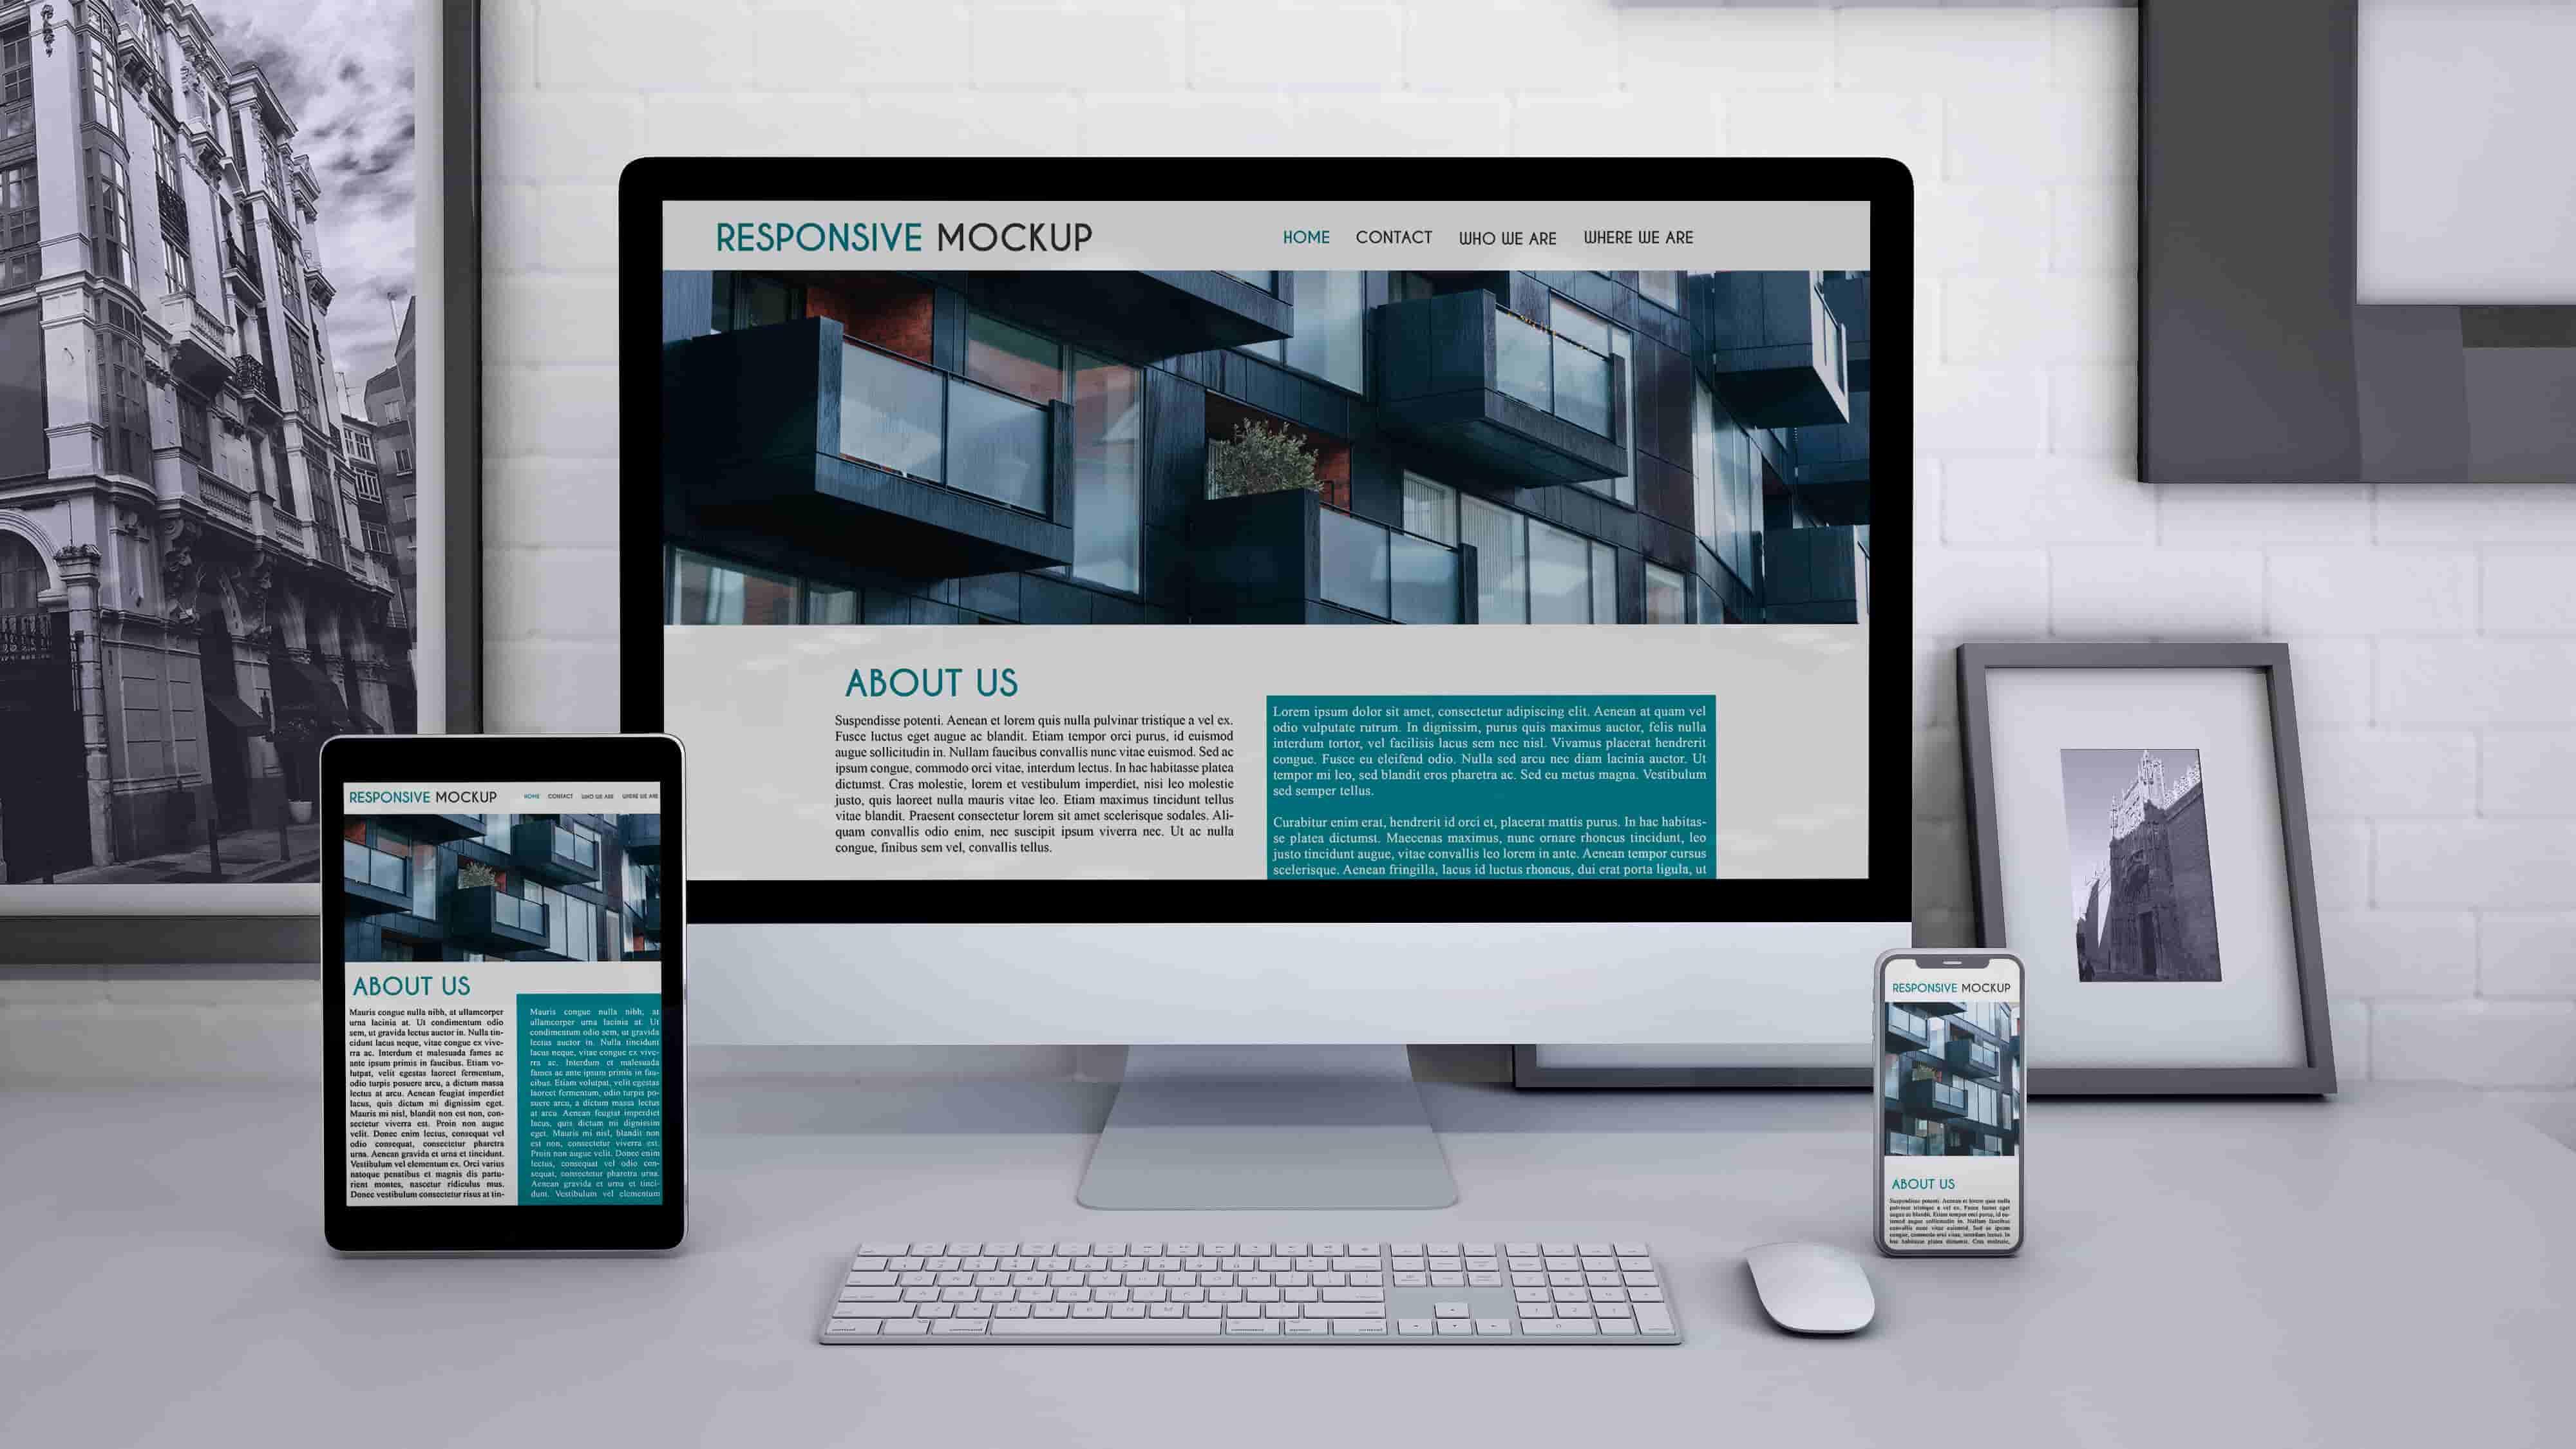 Создание сайта компании - корпоративный сайт